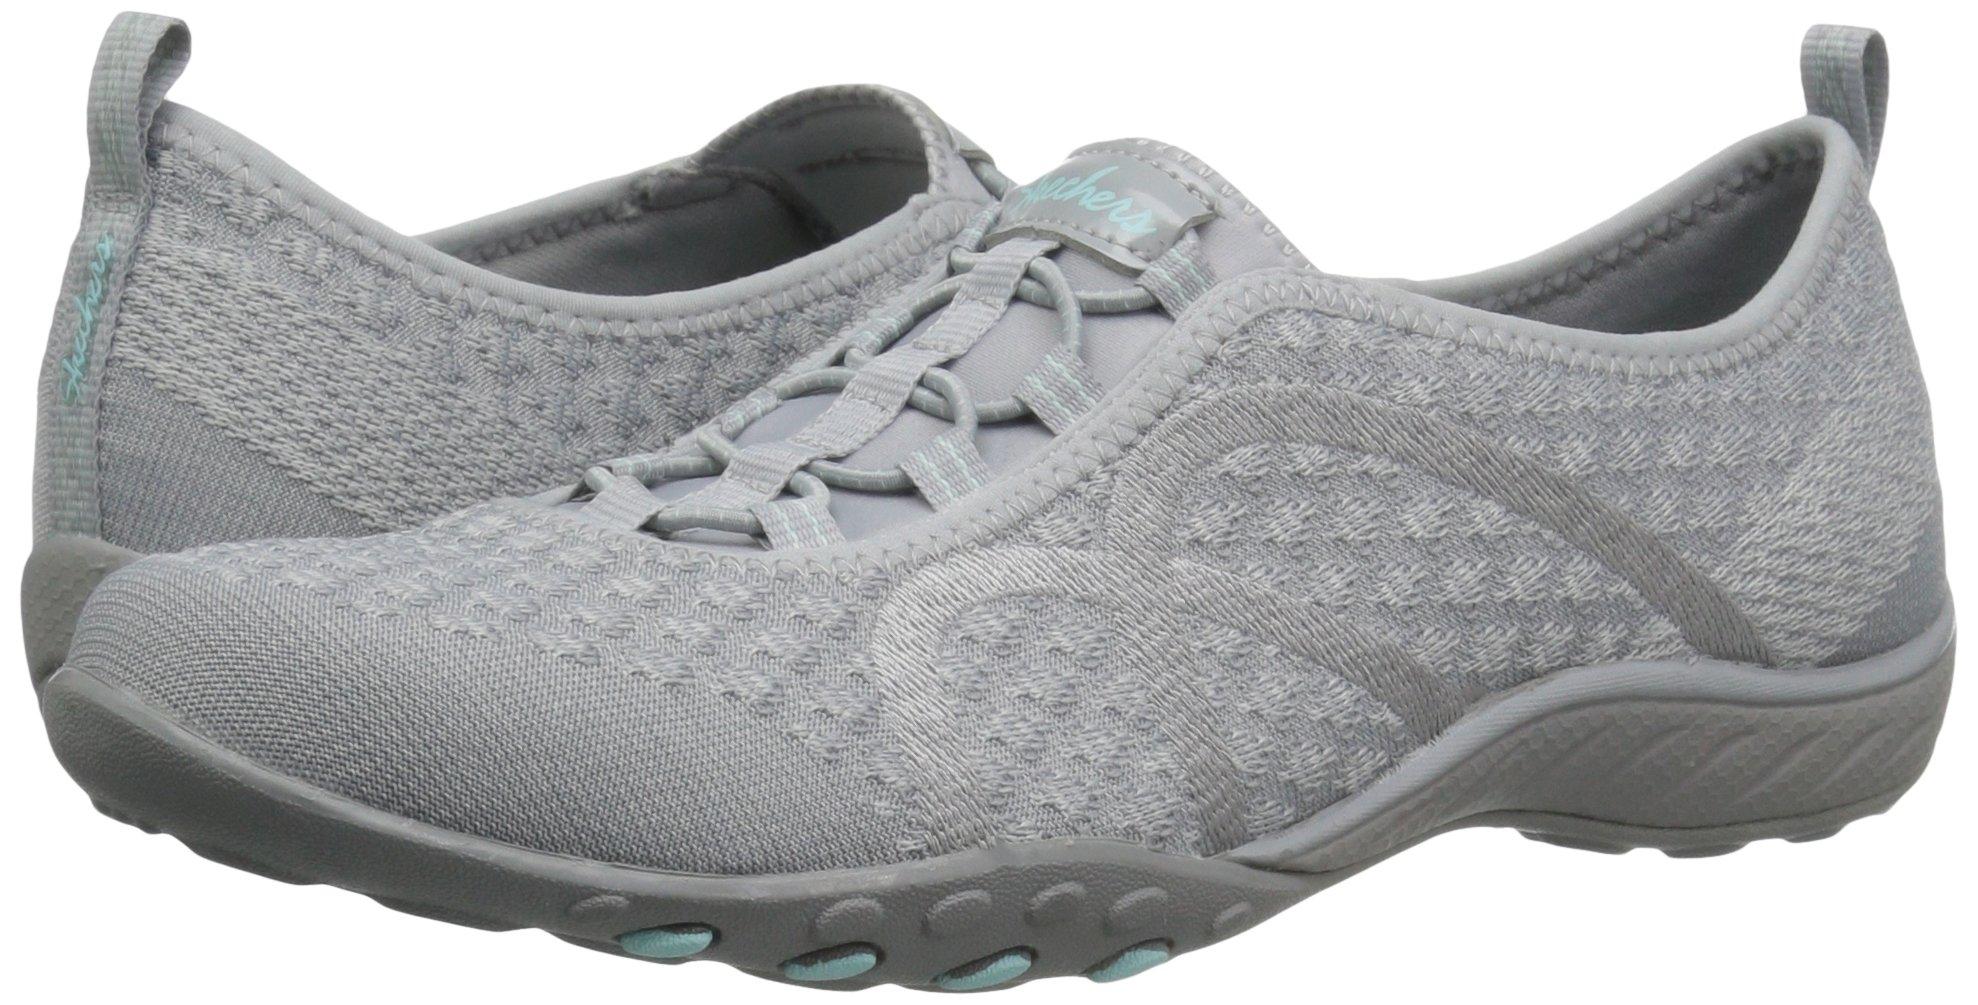 Skechers Sport Women's Breathe Easy Fortune Fashion Sneaker,Grey Knit,5.5 M US by Skechers (Image #6)